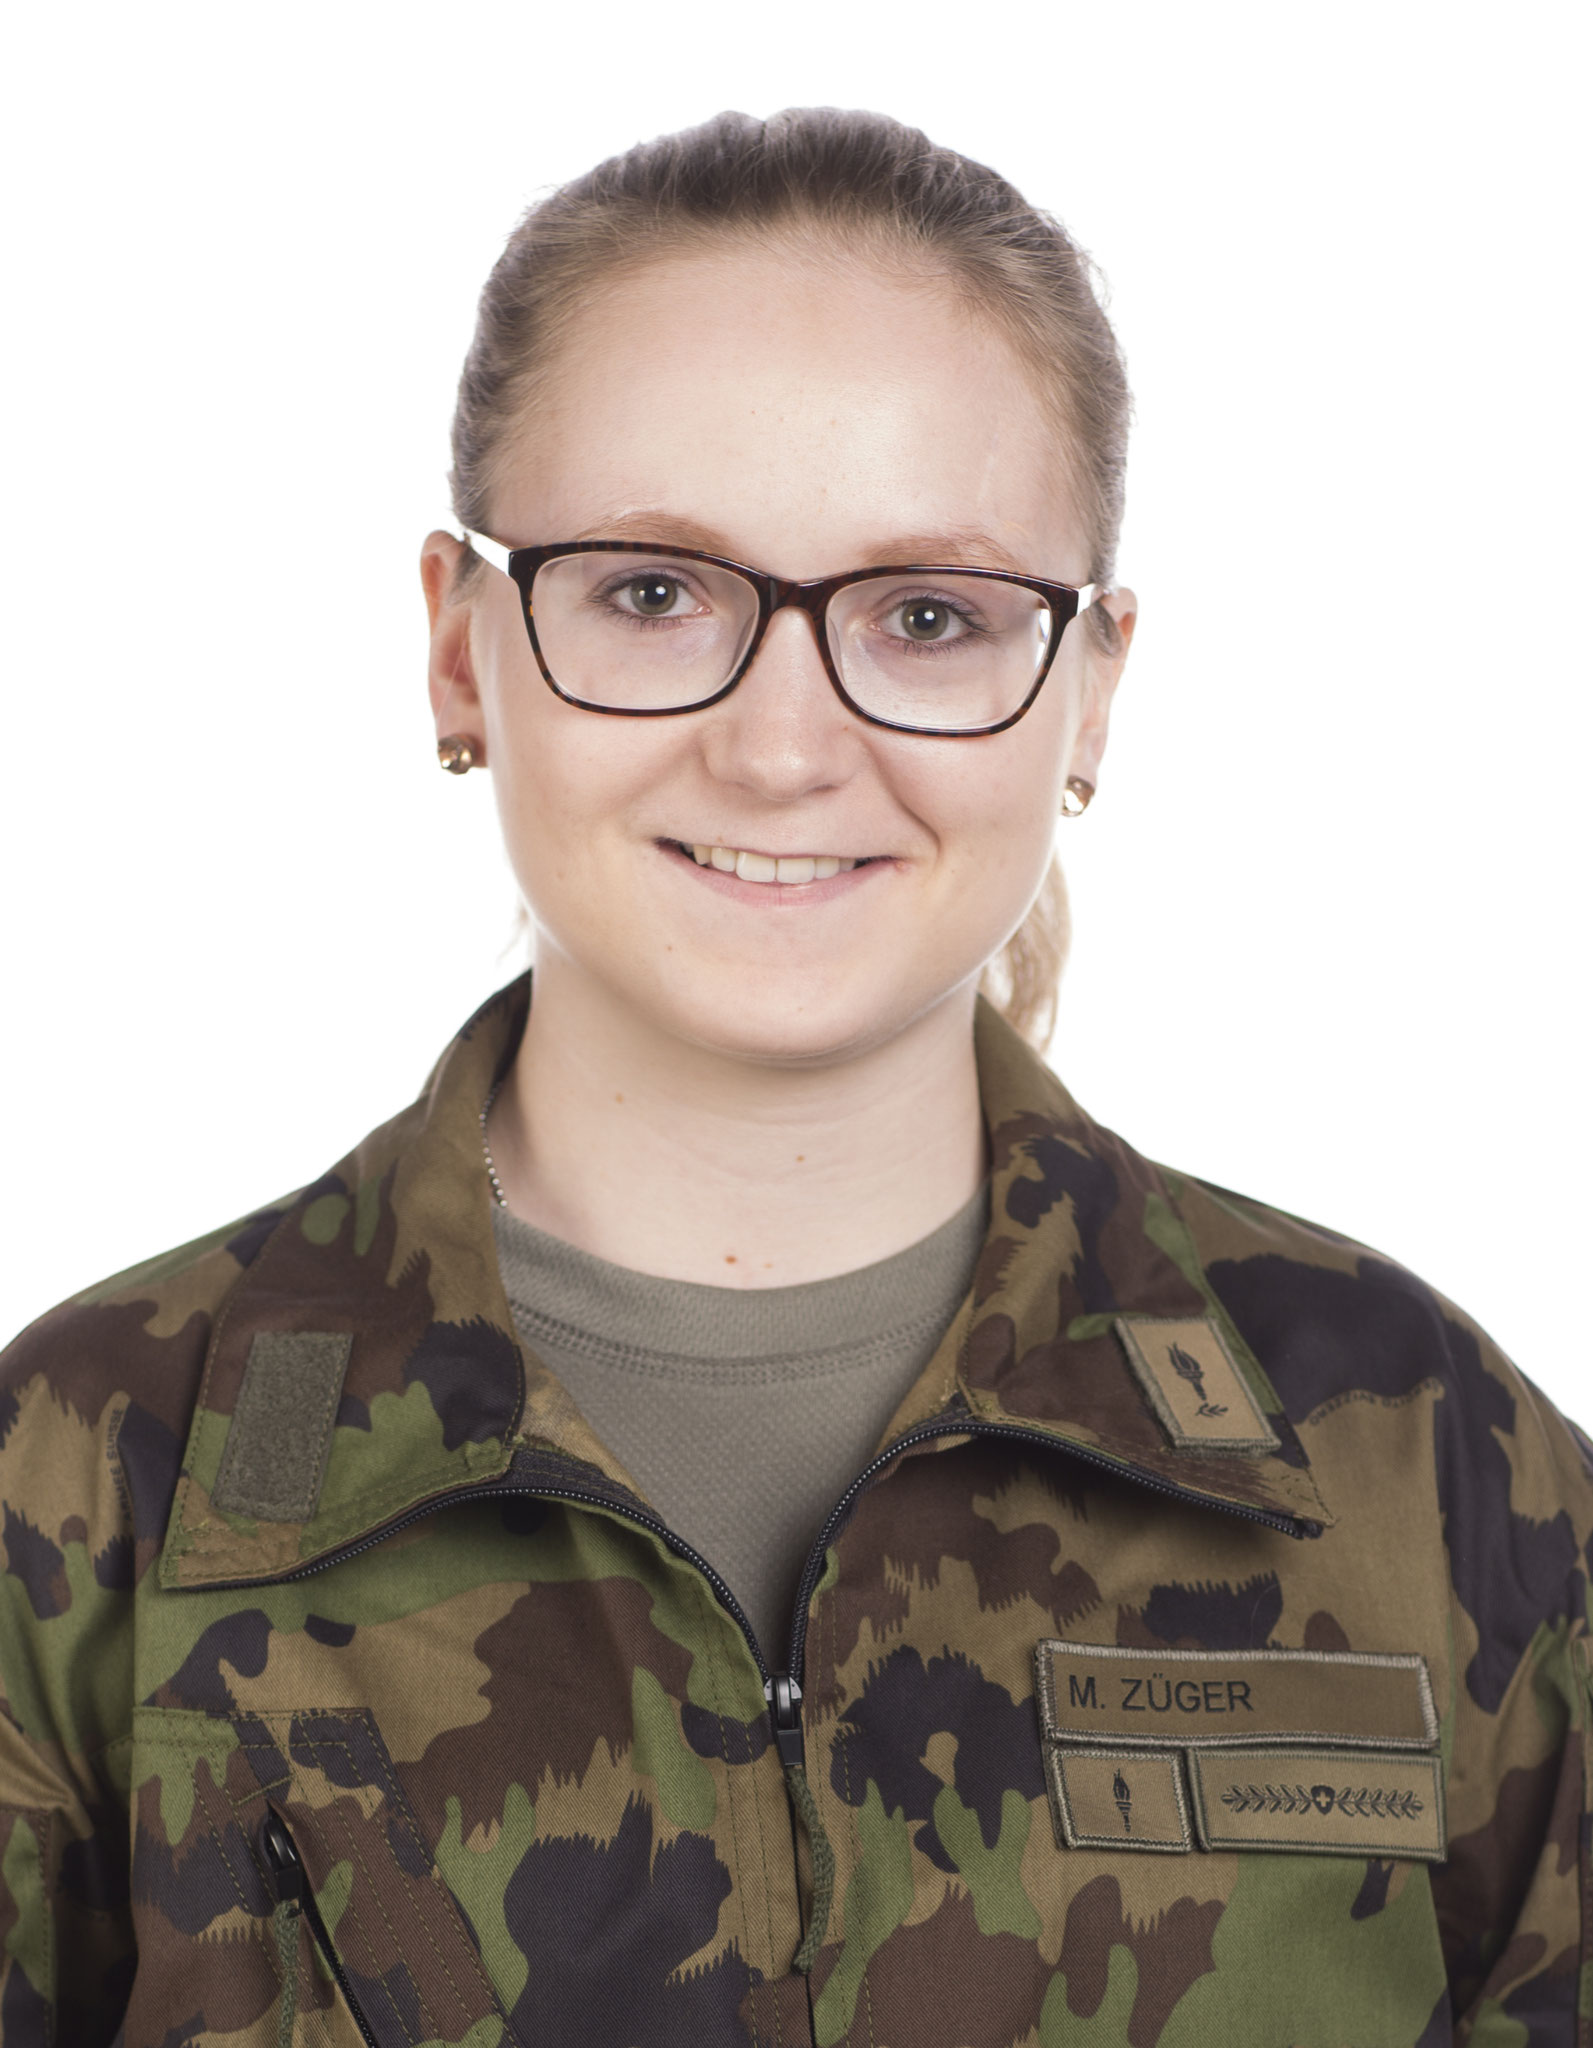 Muriel Züger, Sportschützin